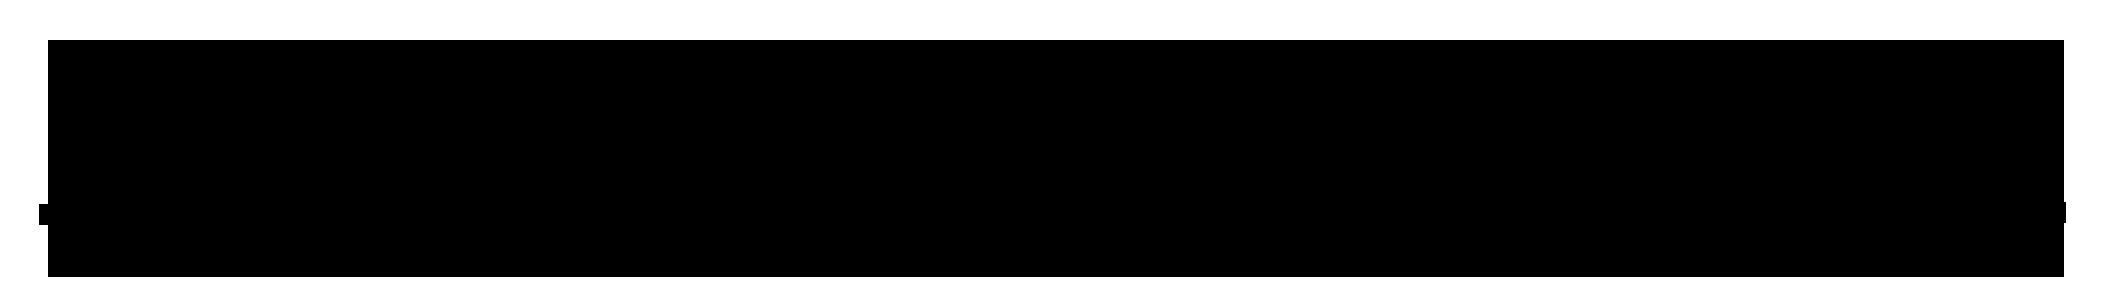 고딕네오3유니코드 서브